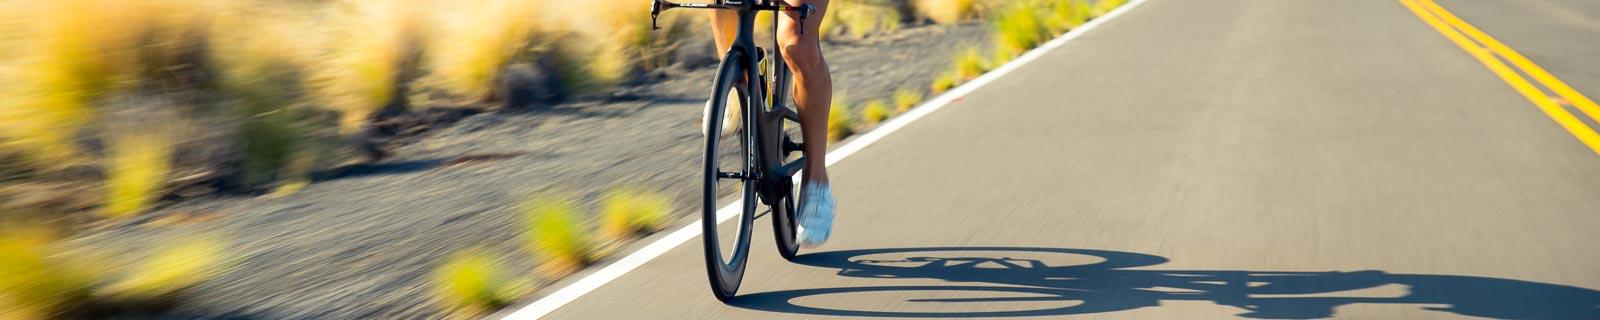 Triathlon- und Zeitfahrräder - Aerodynamic-Träume aus Carbon